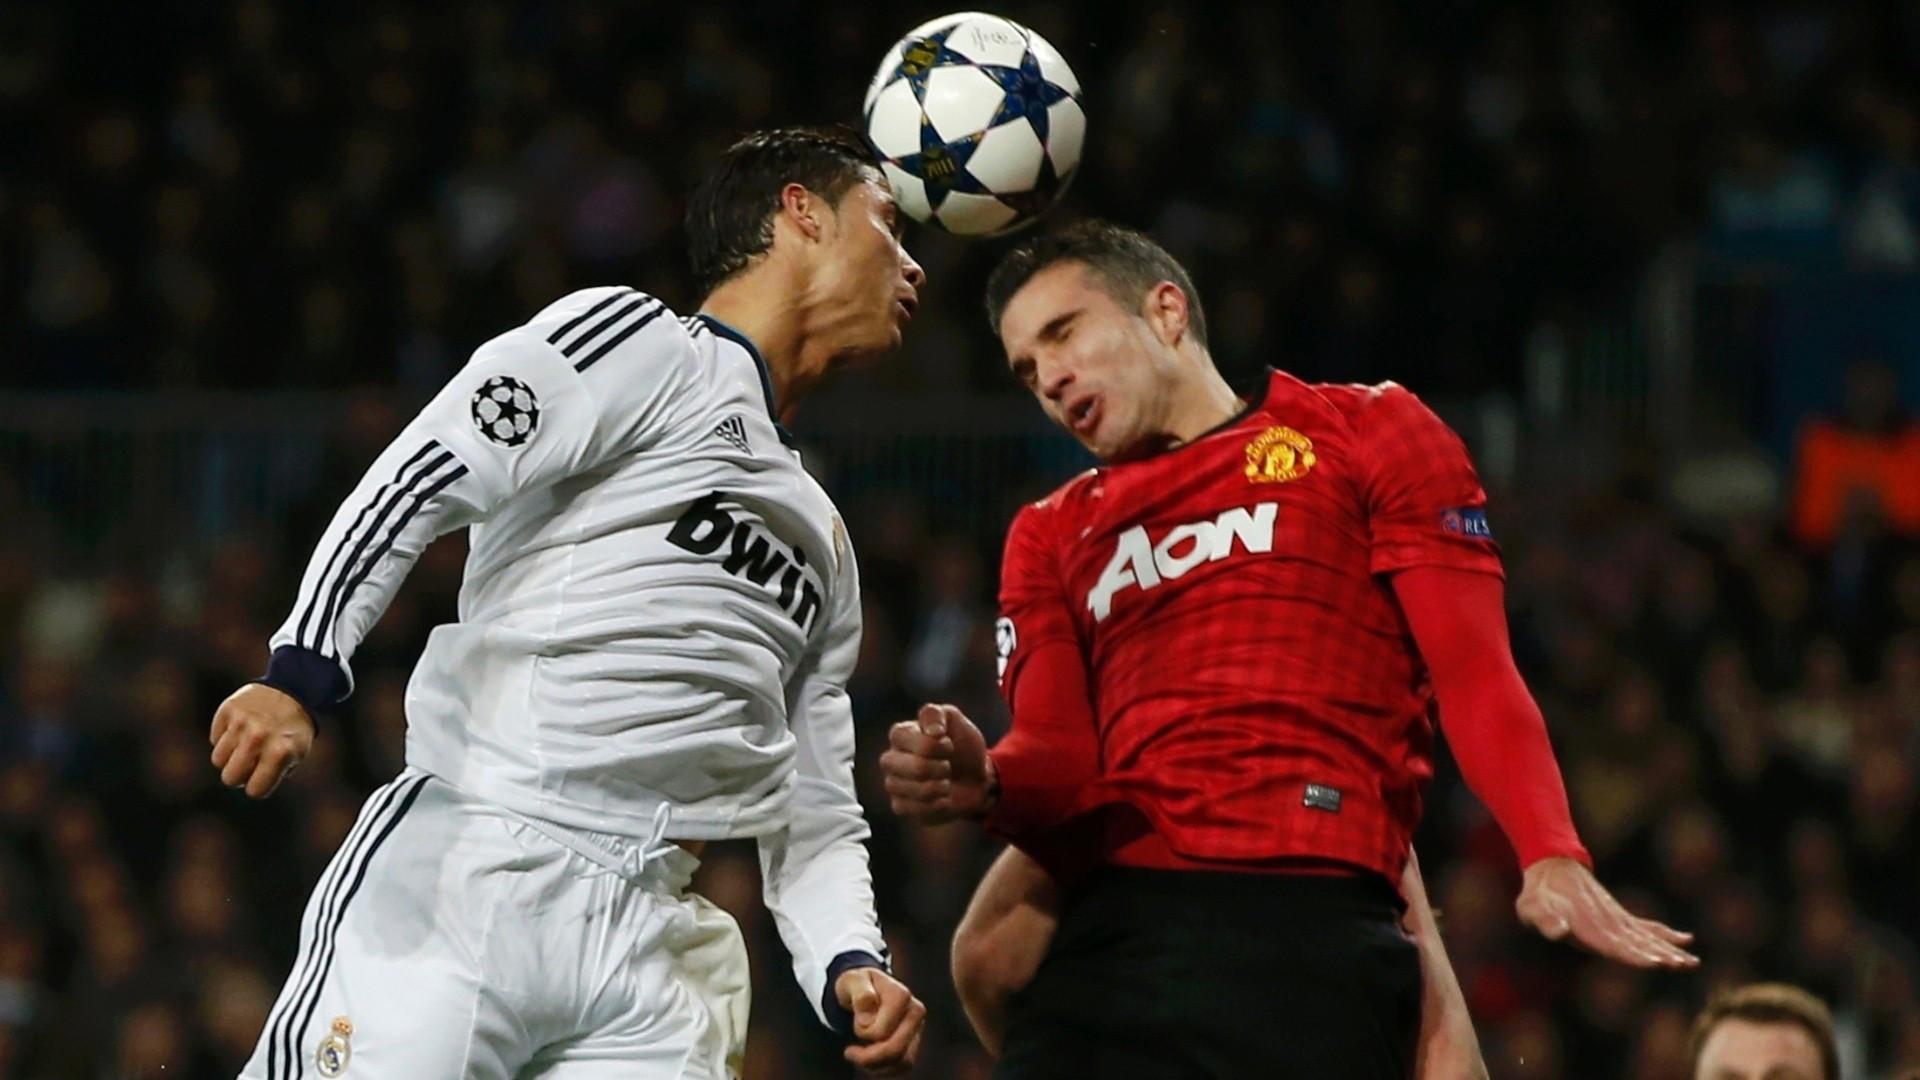 Playing a headers vs Robin Van Persie(Dutch footballer) who plays as a  striker